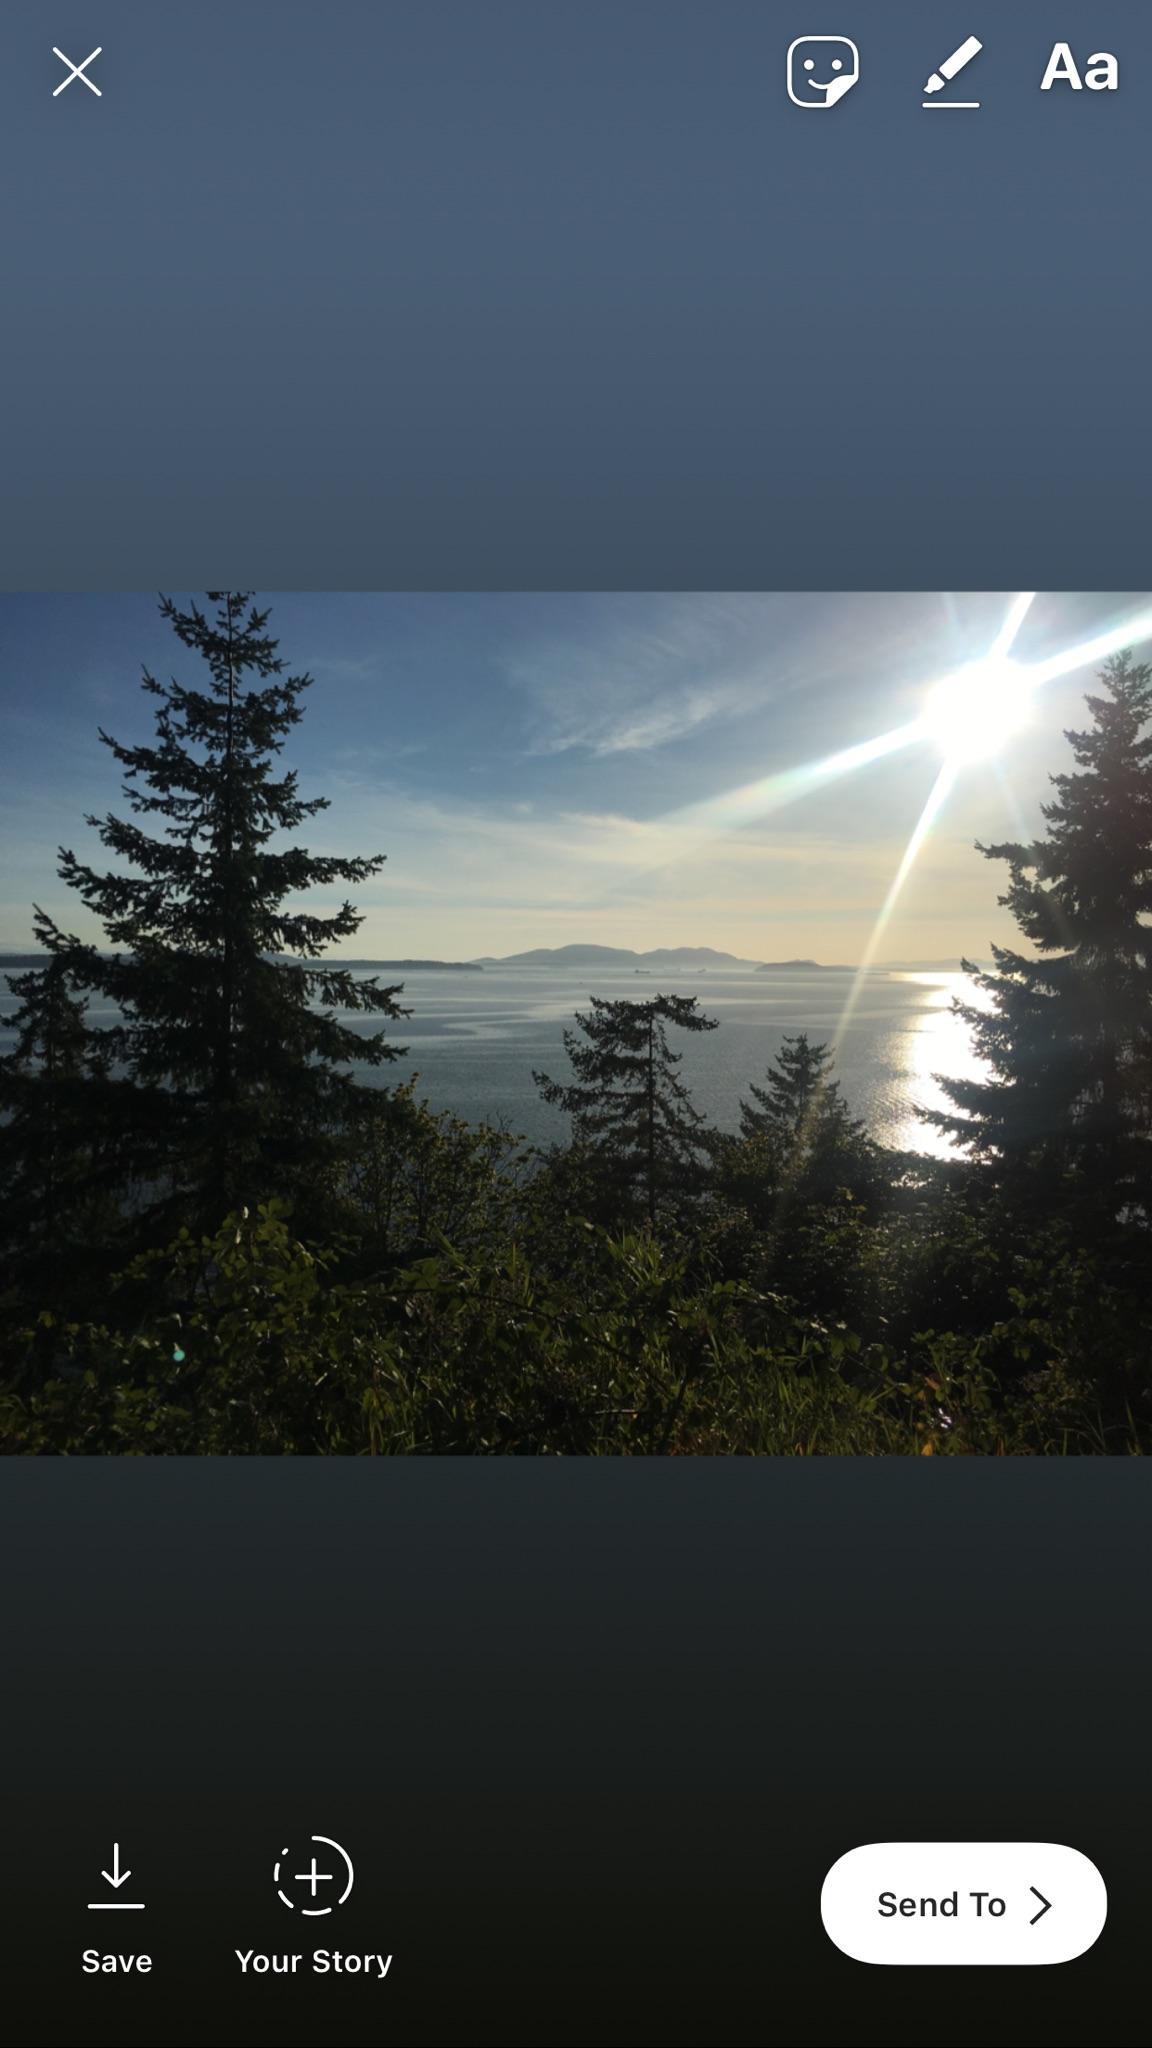 Instagram story of landscape image